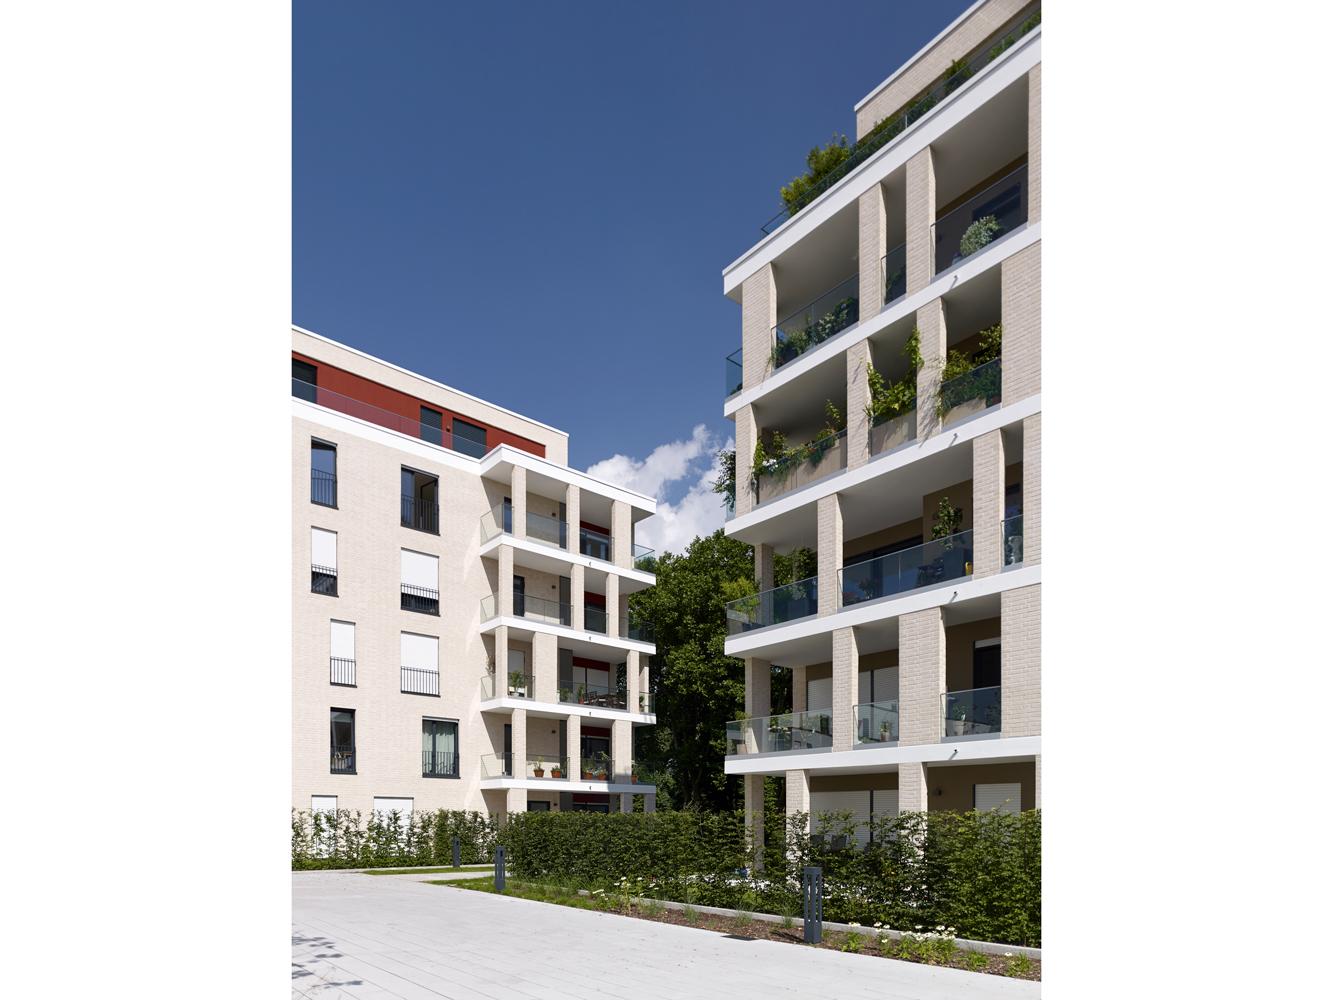 11_pandion-klostergarten_yz